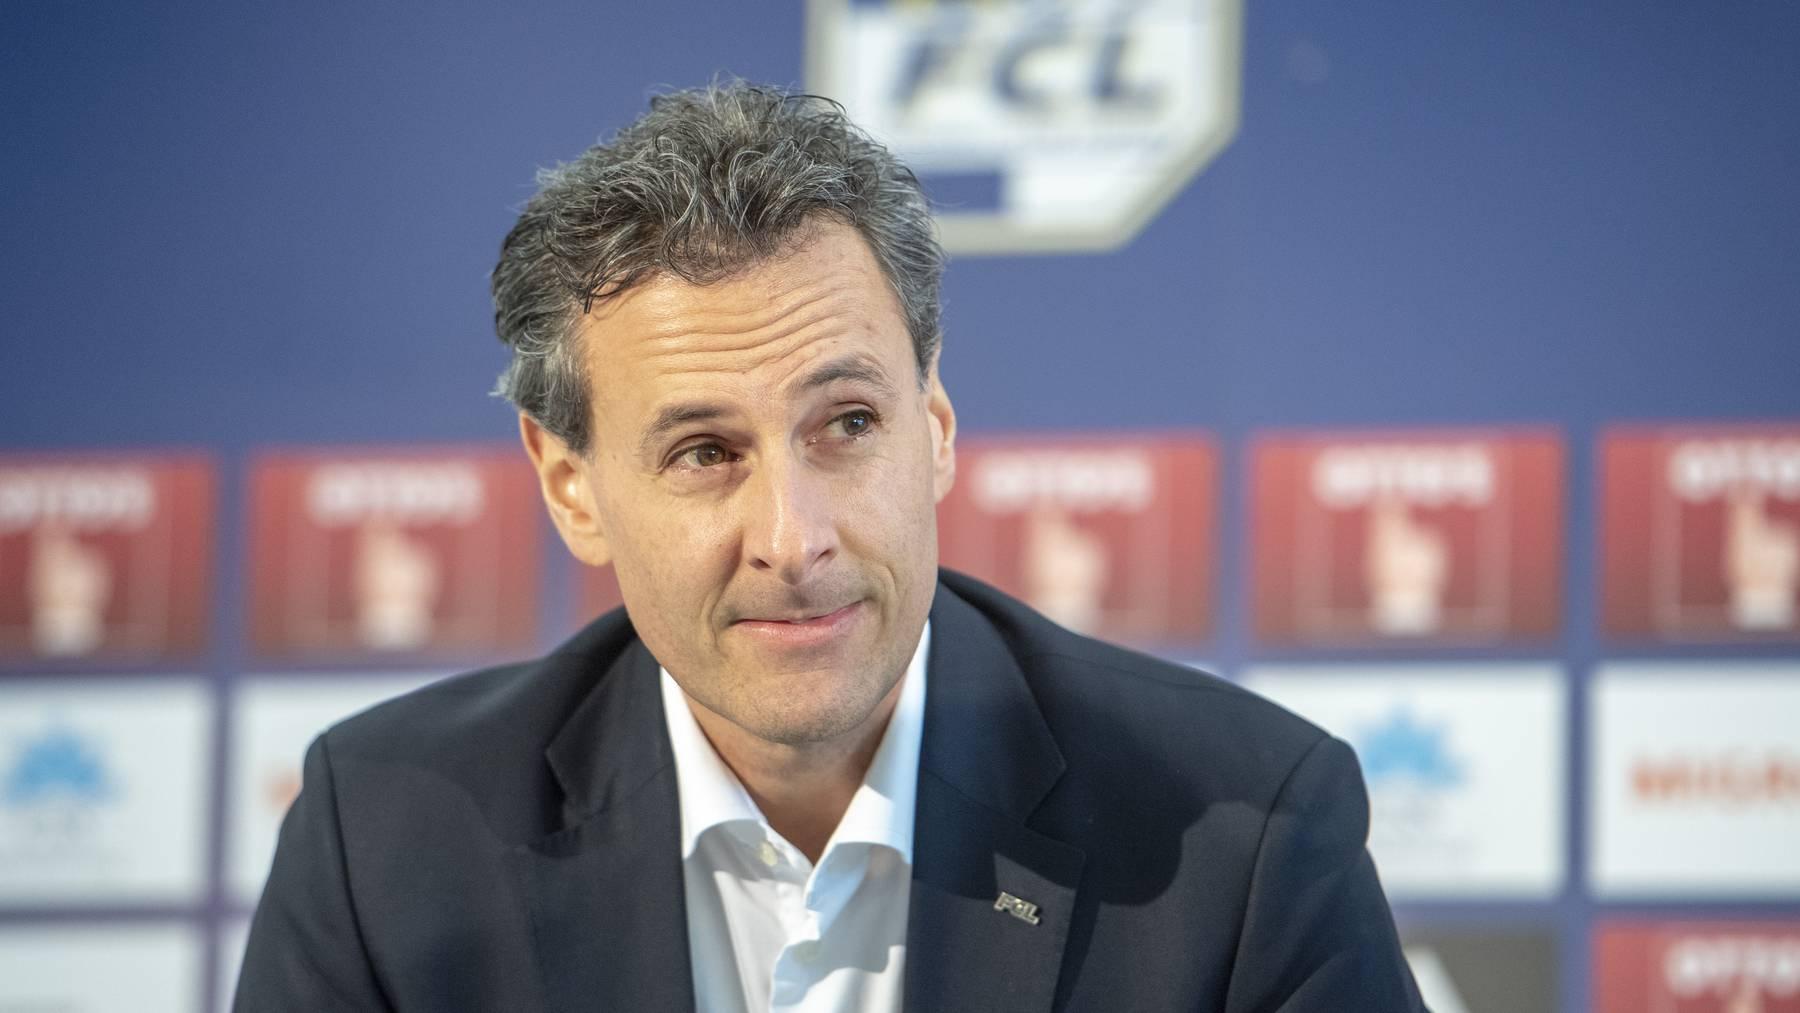 Der Präsident des FC Luzern, Philipp Studhalter anlässlich einer Medienkonferenz des FC Luzern zur Entlassung des Trainers Rene Weiler vom Montag, 18. Februar 2019 in Luzern.